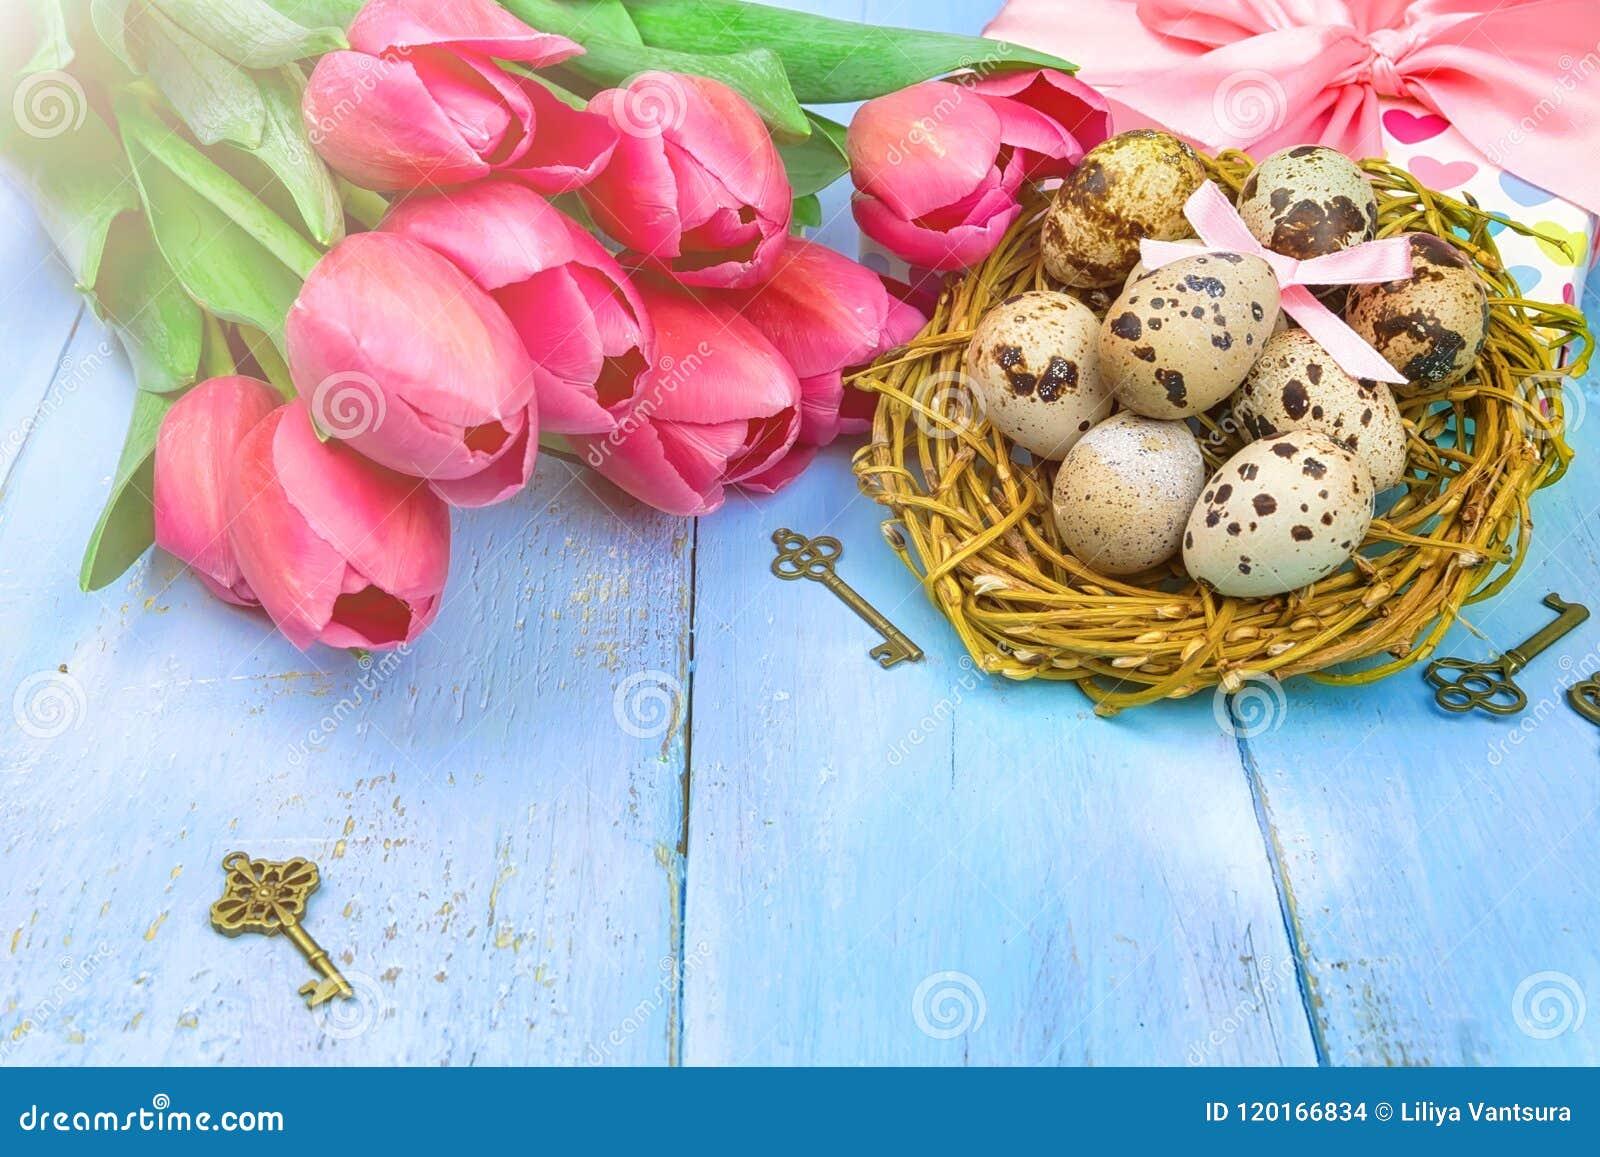 Fröhliche Ostern Glückwunsch Ostern Hintergrund Ostereier